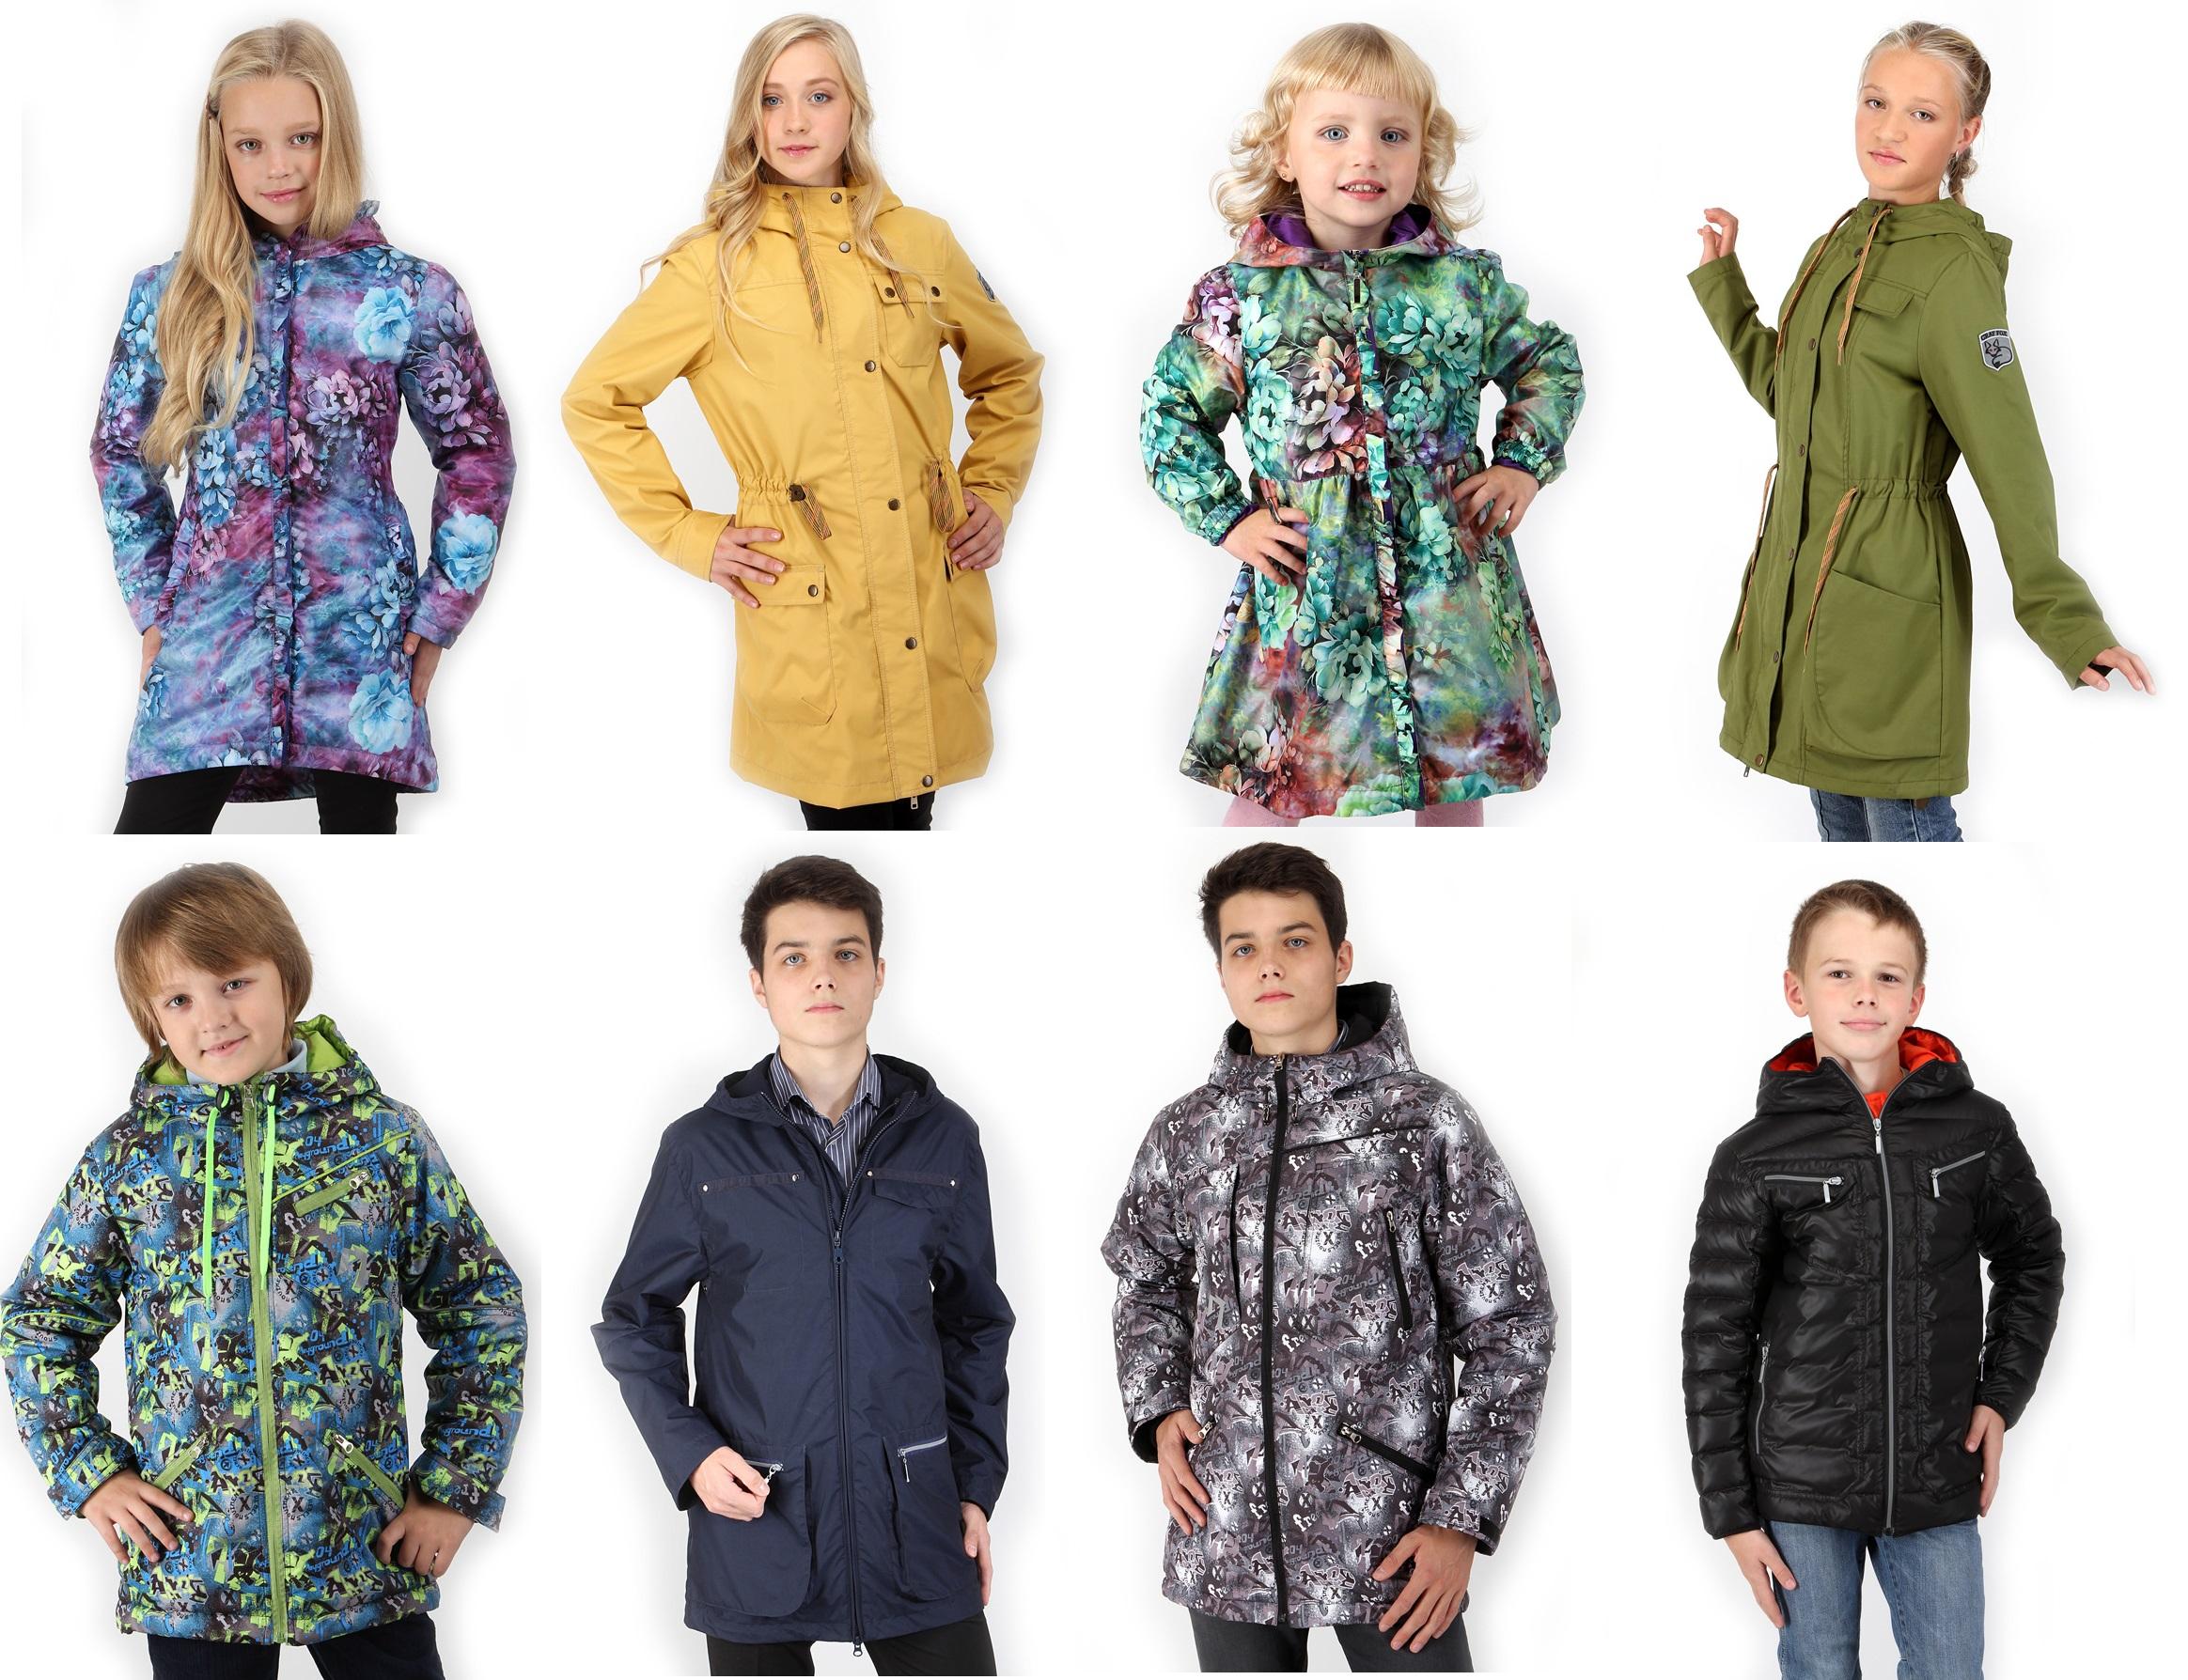 Весна 2015 парки - куртки, парки-ветровки. От 86 до 176 размера. Есть распродажа!!! Без рядов!